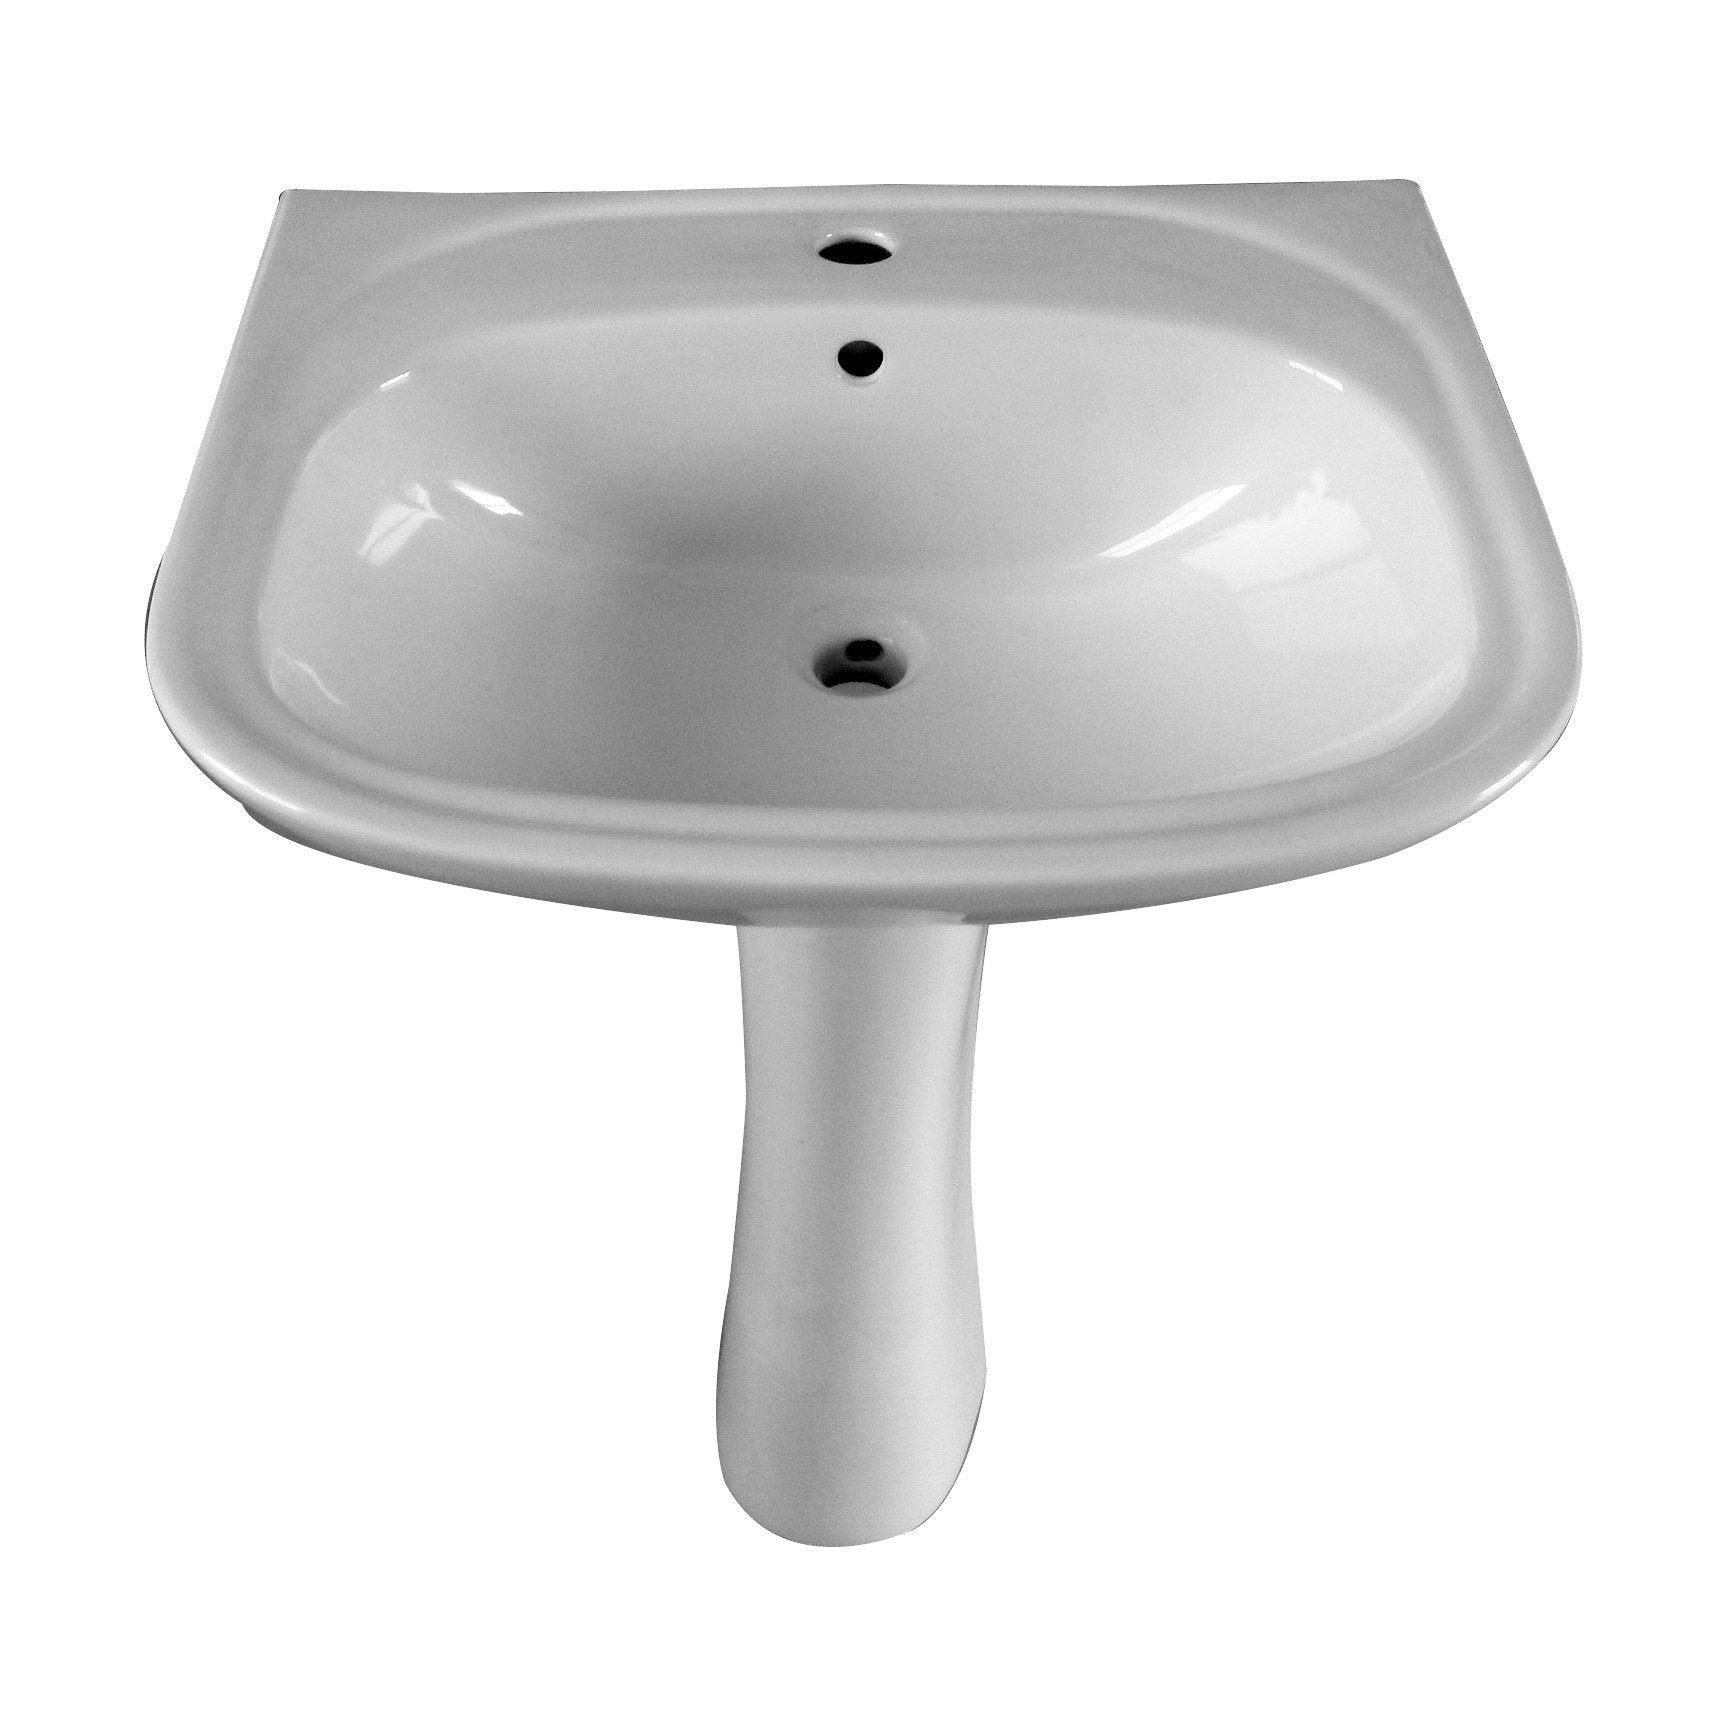 Lavabo Personne Mobilité Réduite lavabo colonne en céramique, blanc nerea